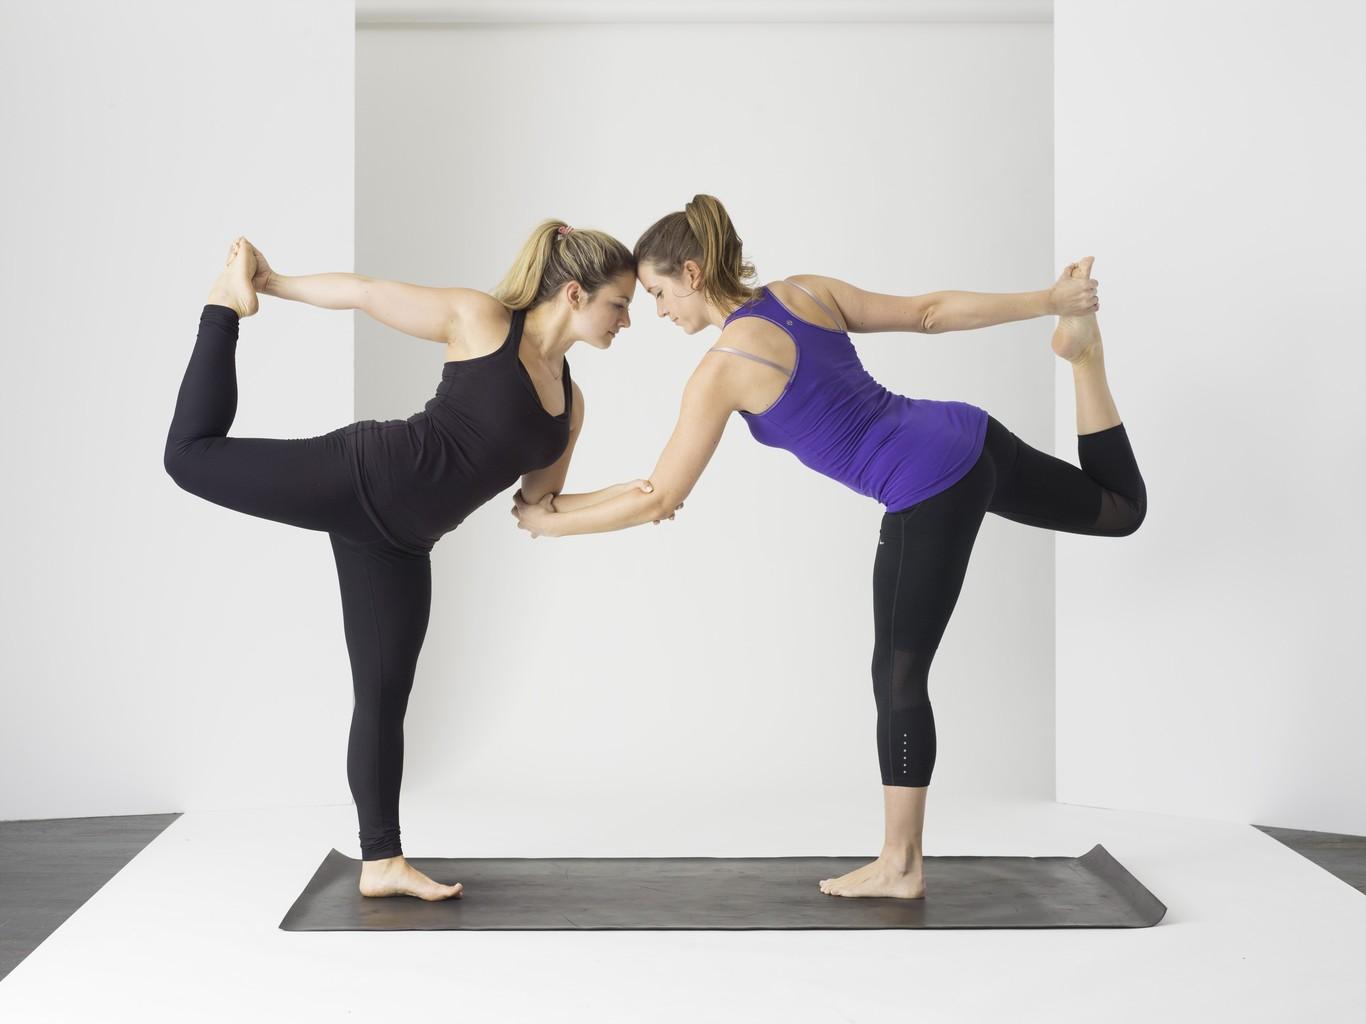 Siete Posturas De Yoga Que Puedes Practicar En Pareja